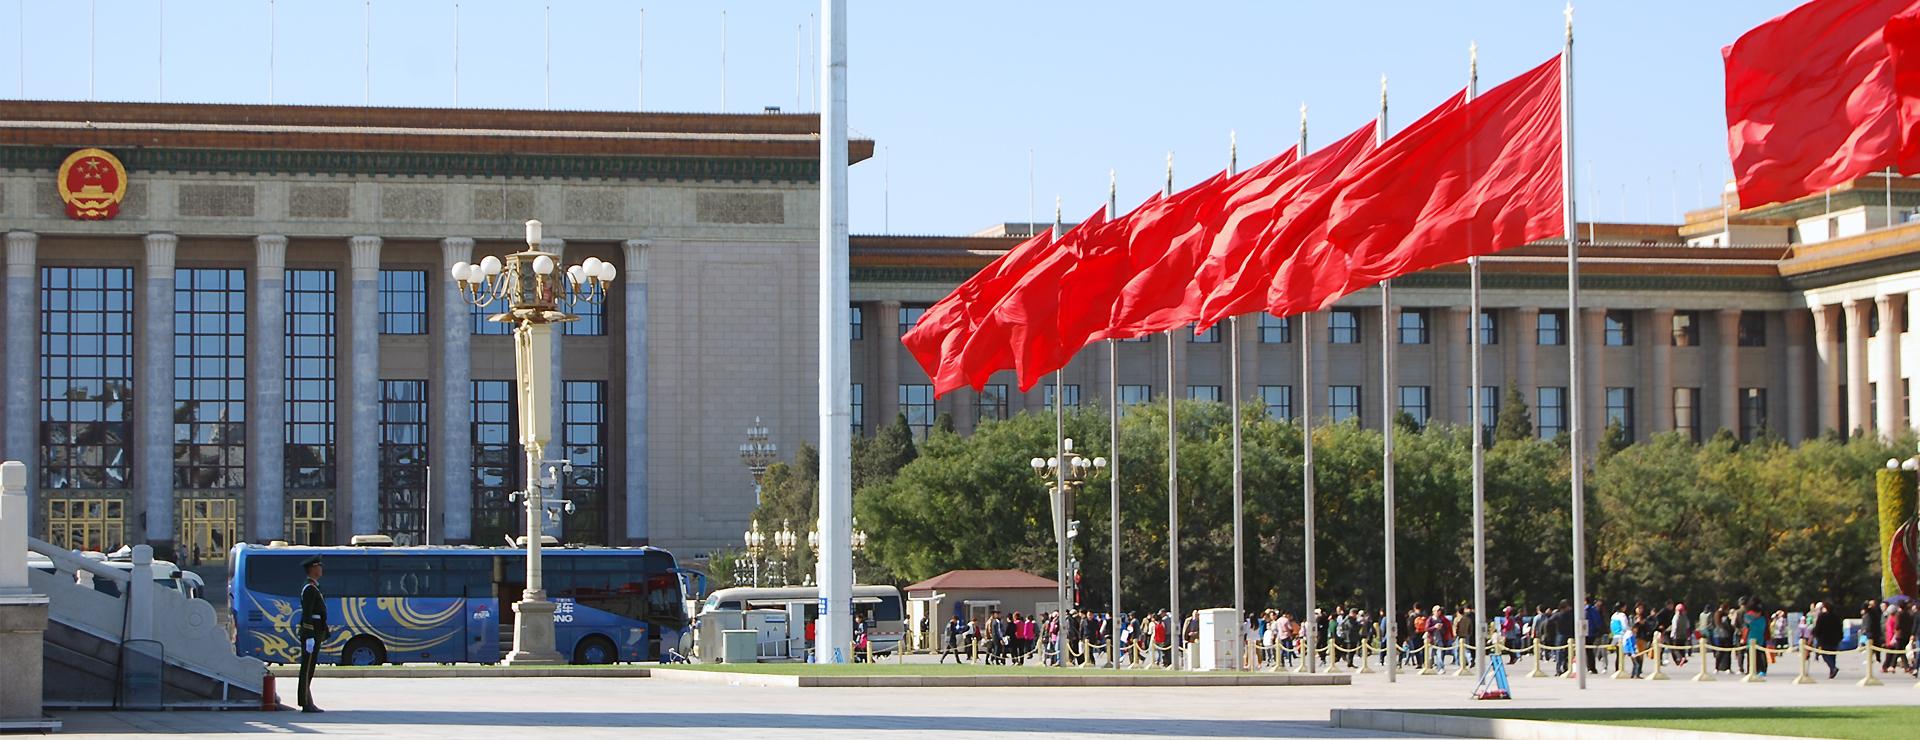 Peking – Himmelska fridens torg